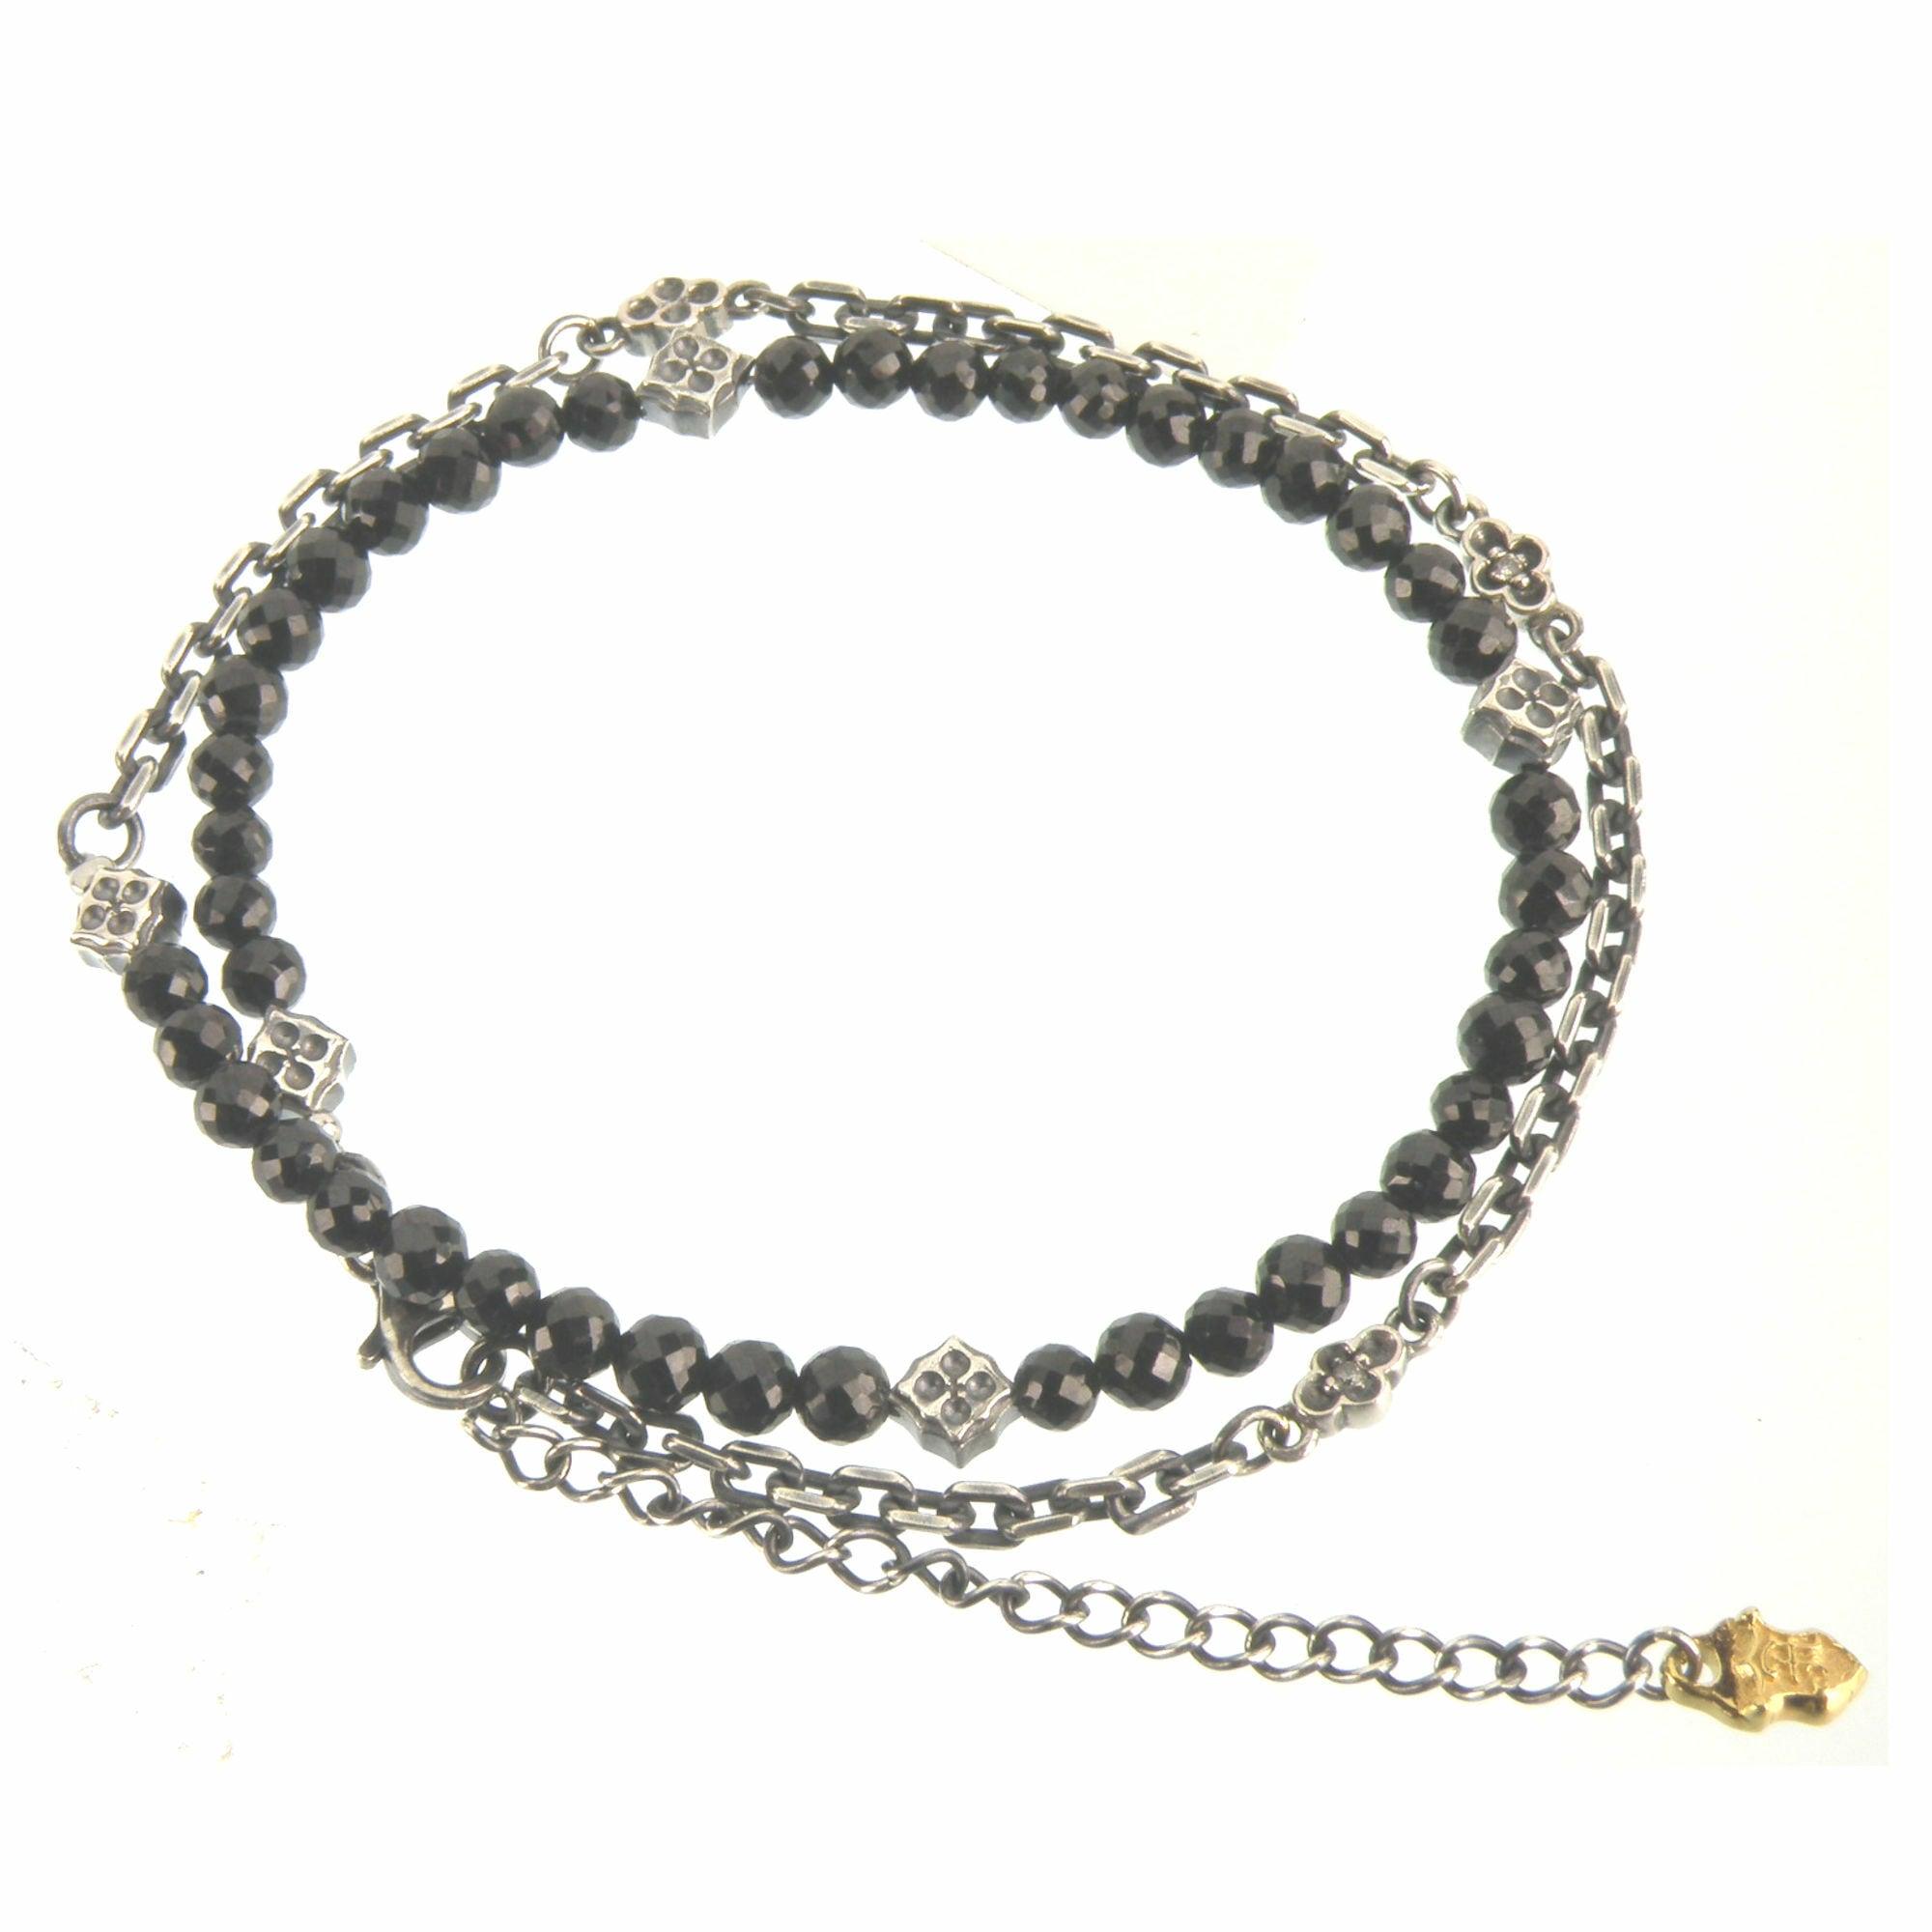 トレサリーコンビネーションブレスレット ACB0070 Treasury combination bracelet